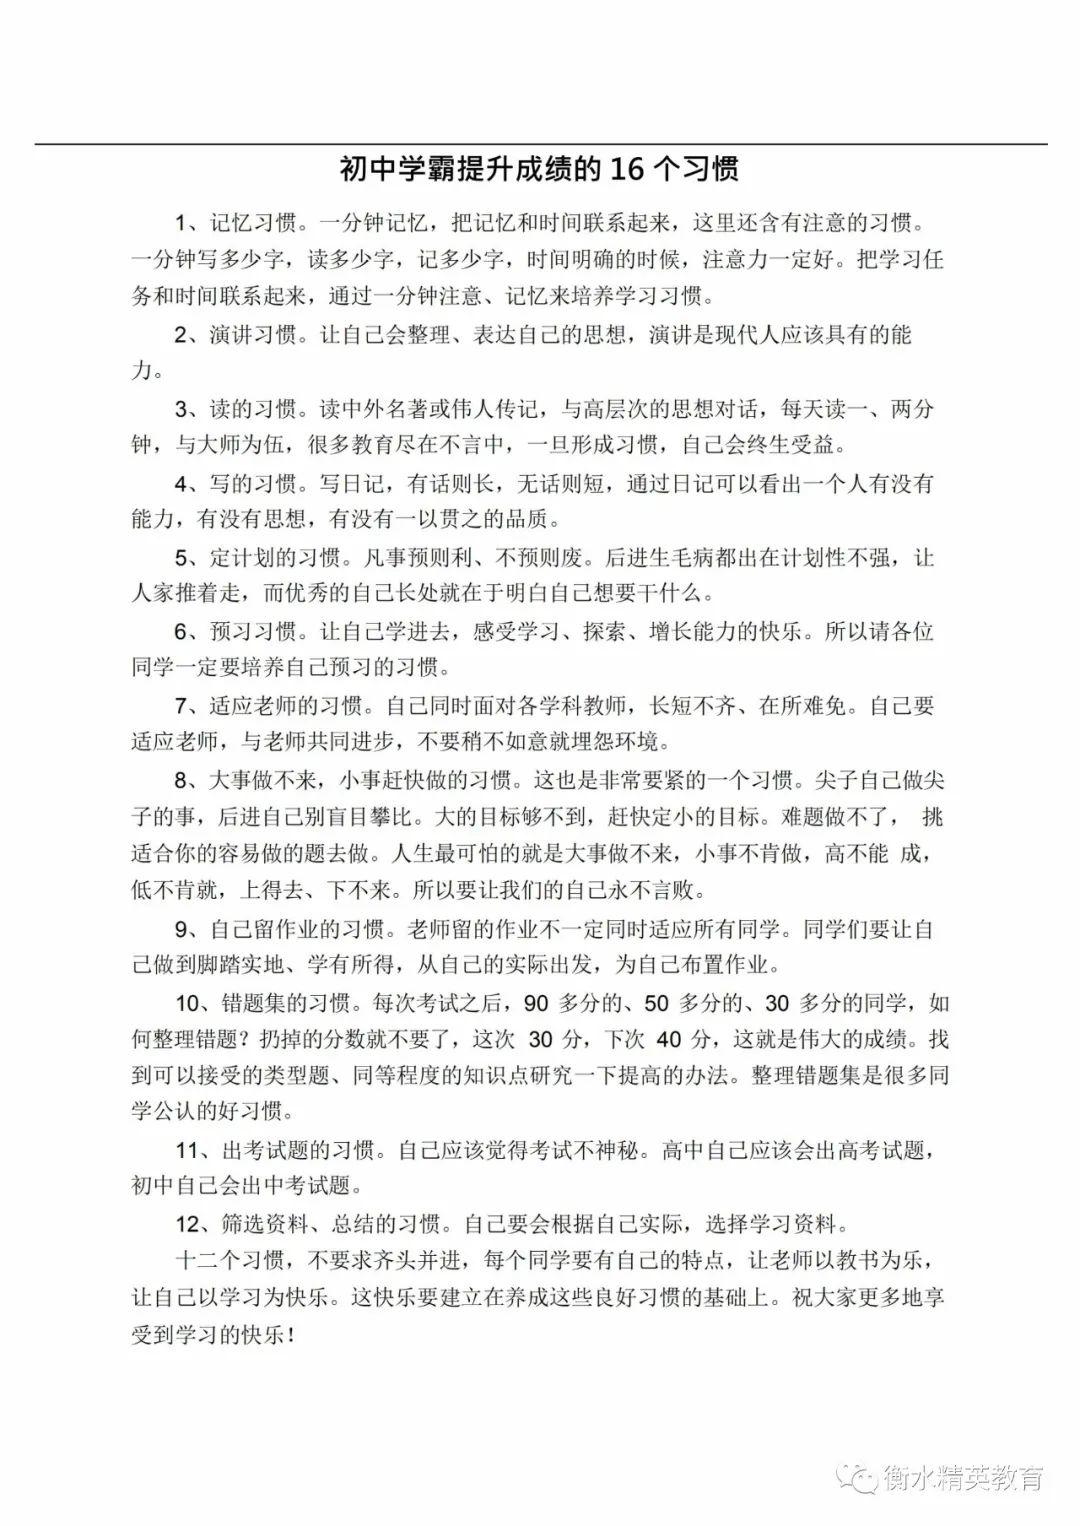 衡水初中学霸笔记-语文(会员专享)7798 作者: 来源: 发布时间:2020-4-23 11:06